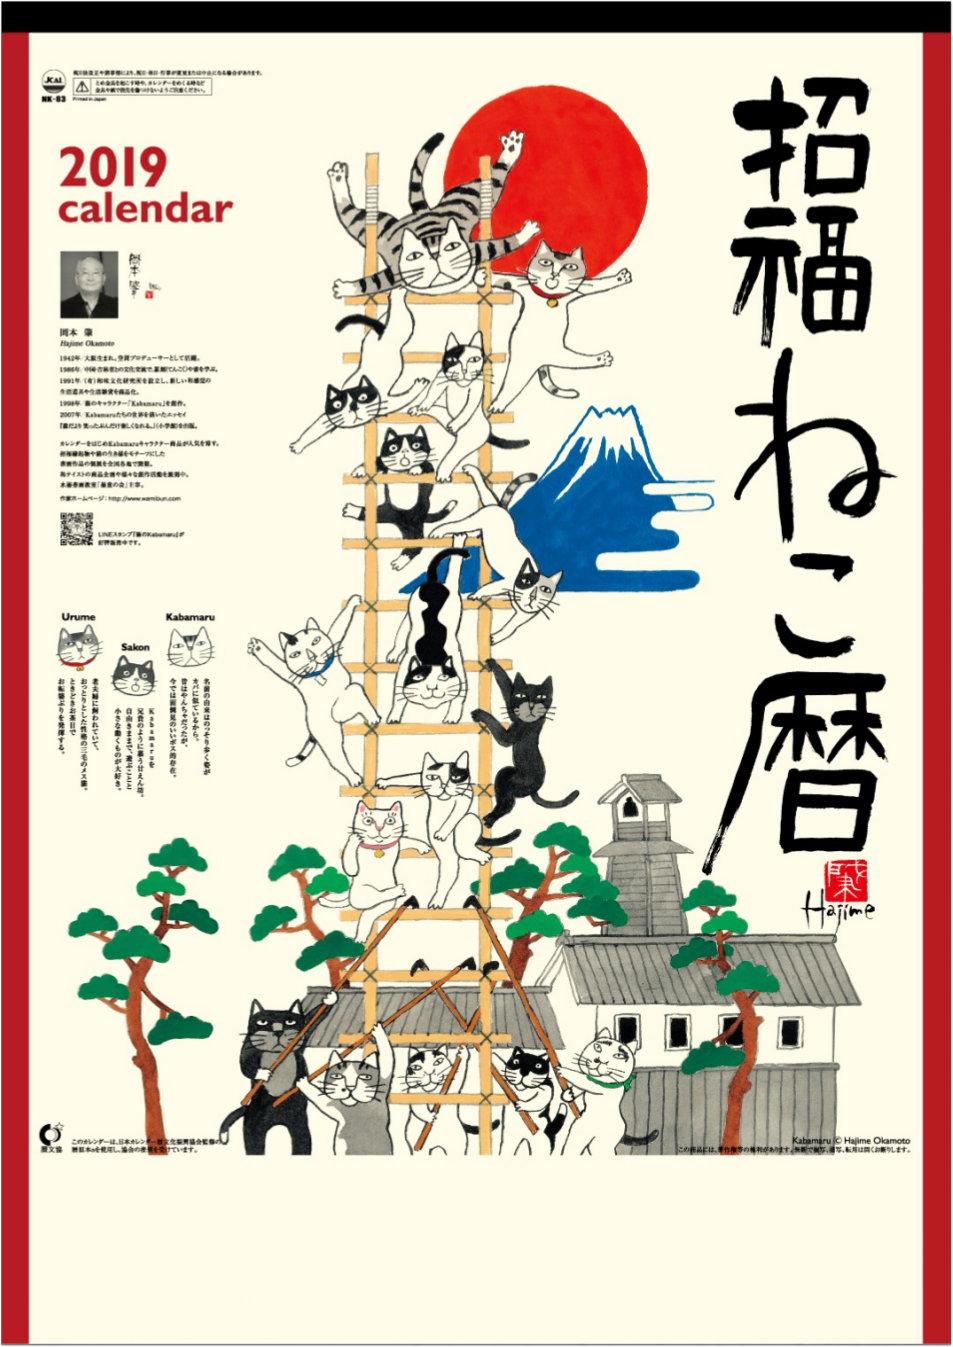 表紙 招福ねこ暦 岡本肇 2019年カレンダーの画像